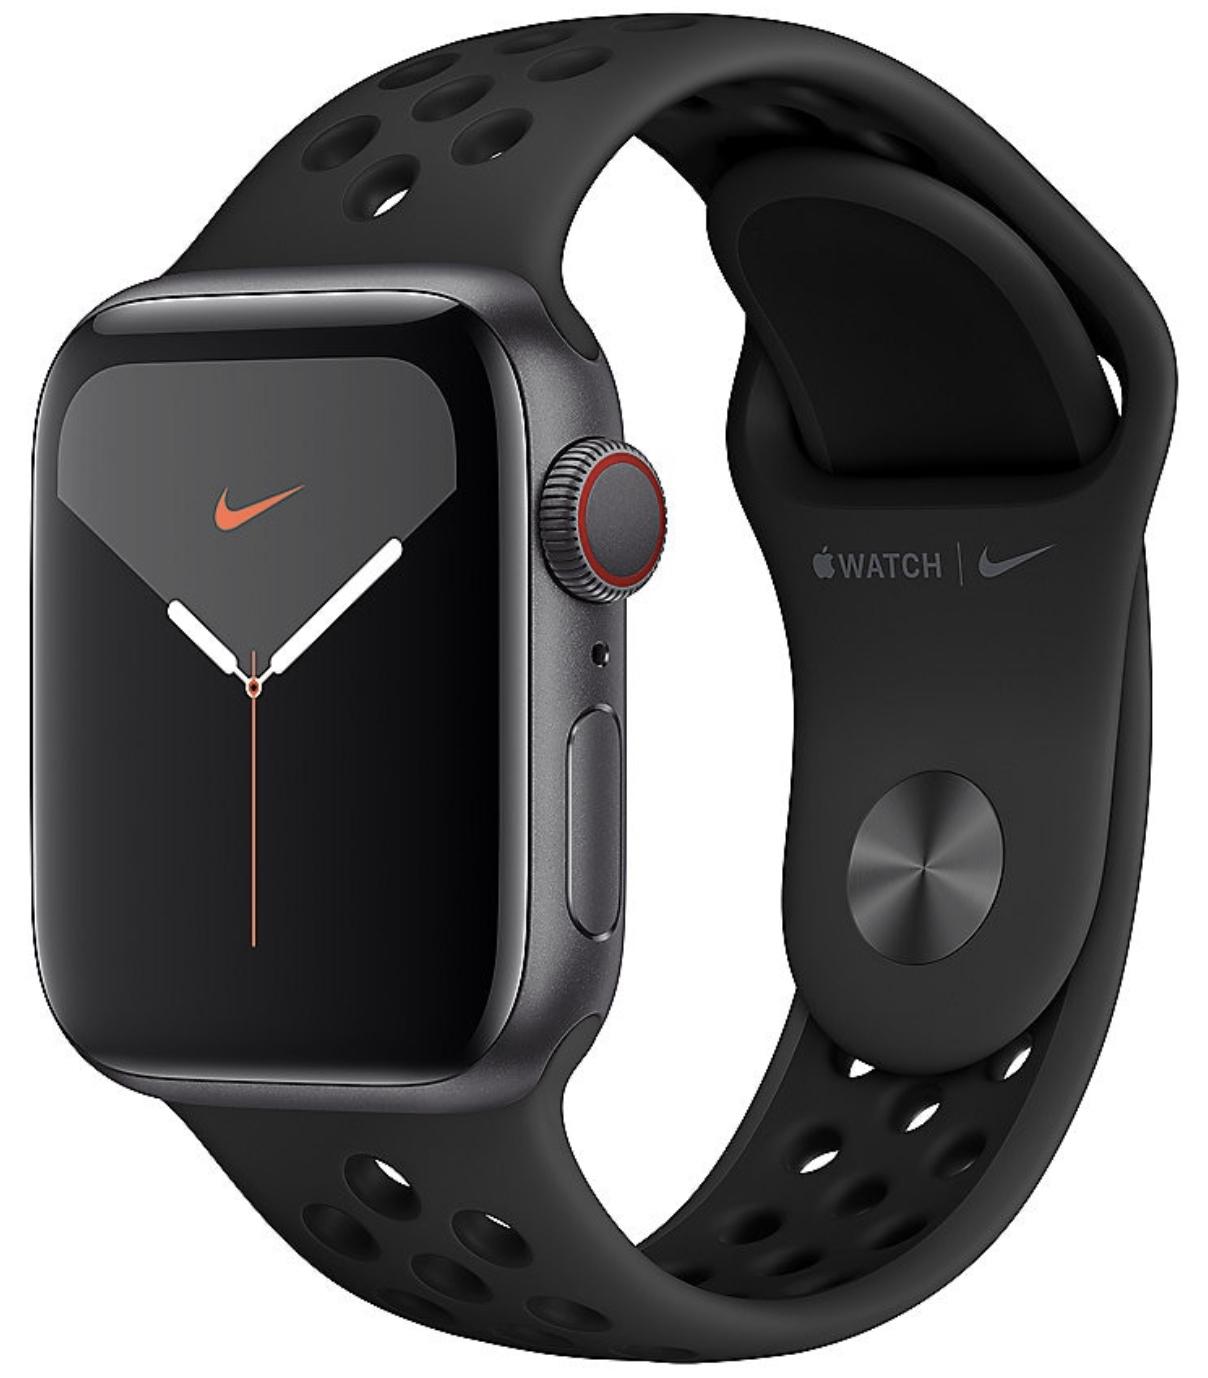 Apple Watch Nike+ Series 5 GPS + Cellular LTE 40mm Space Grau für 479,99€ inkl. Versandkosten